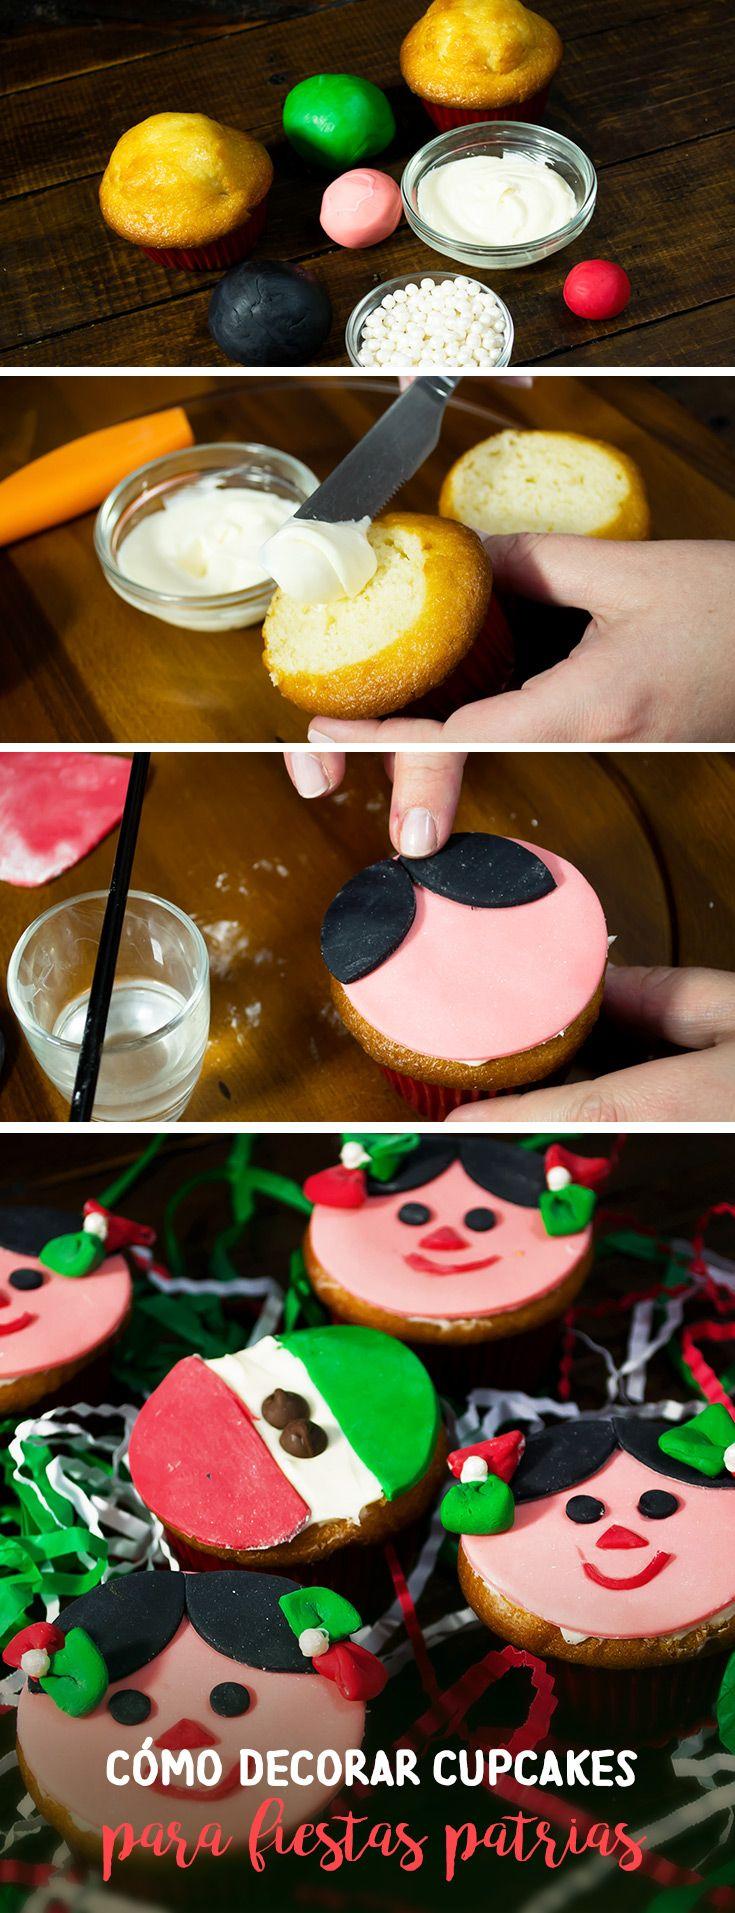 Sorprende a tu familia y amigos en el día de la independencia con estos originales y deliciosos cupcakes para fiestas patrias.